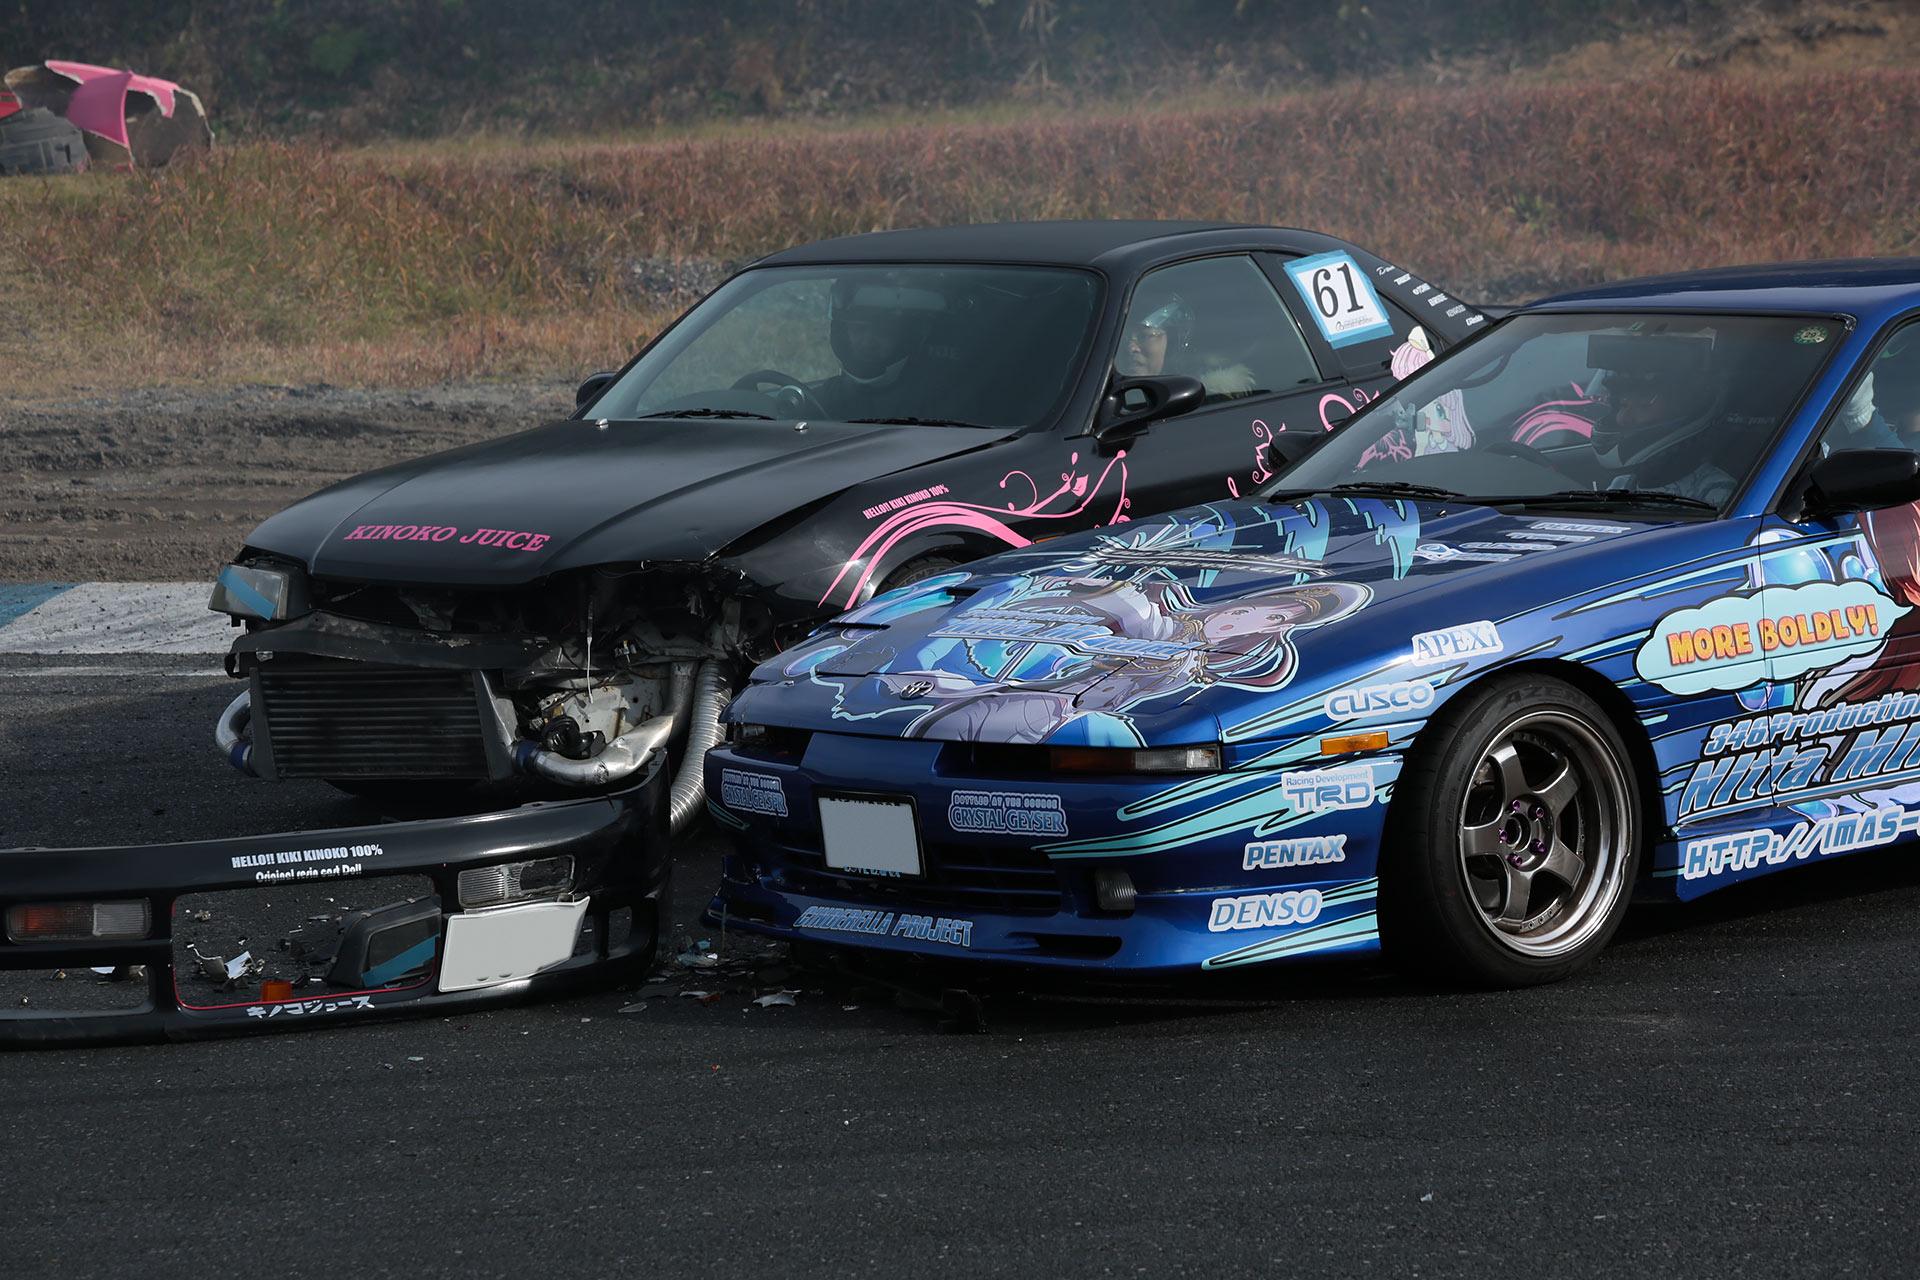 茂原de痛車09